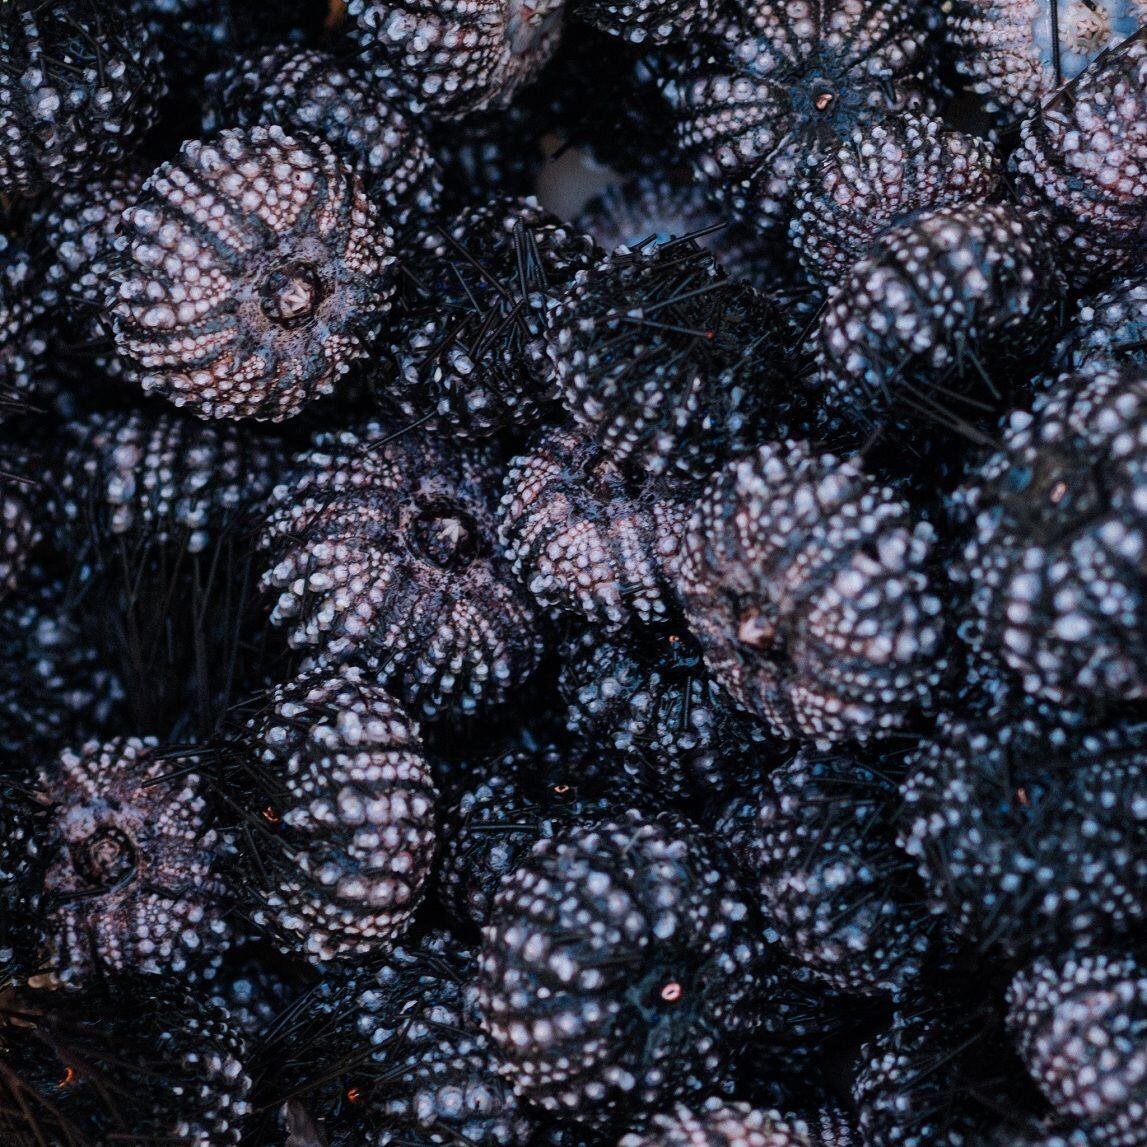 7 Seafood Mentah di Wakatobi yang Unik Banget, Dijamin Ketagihan Deh!